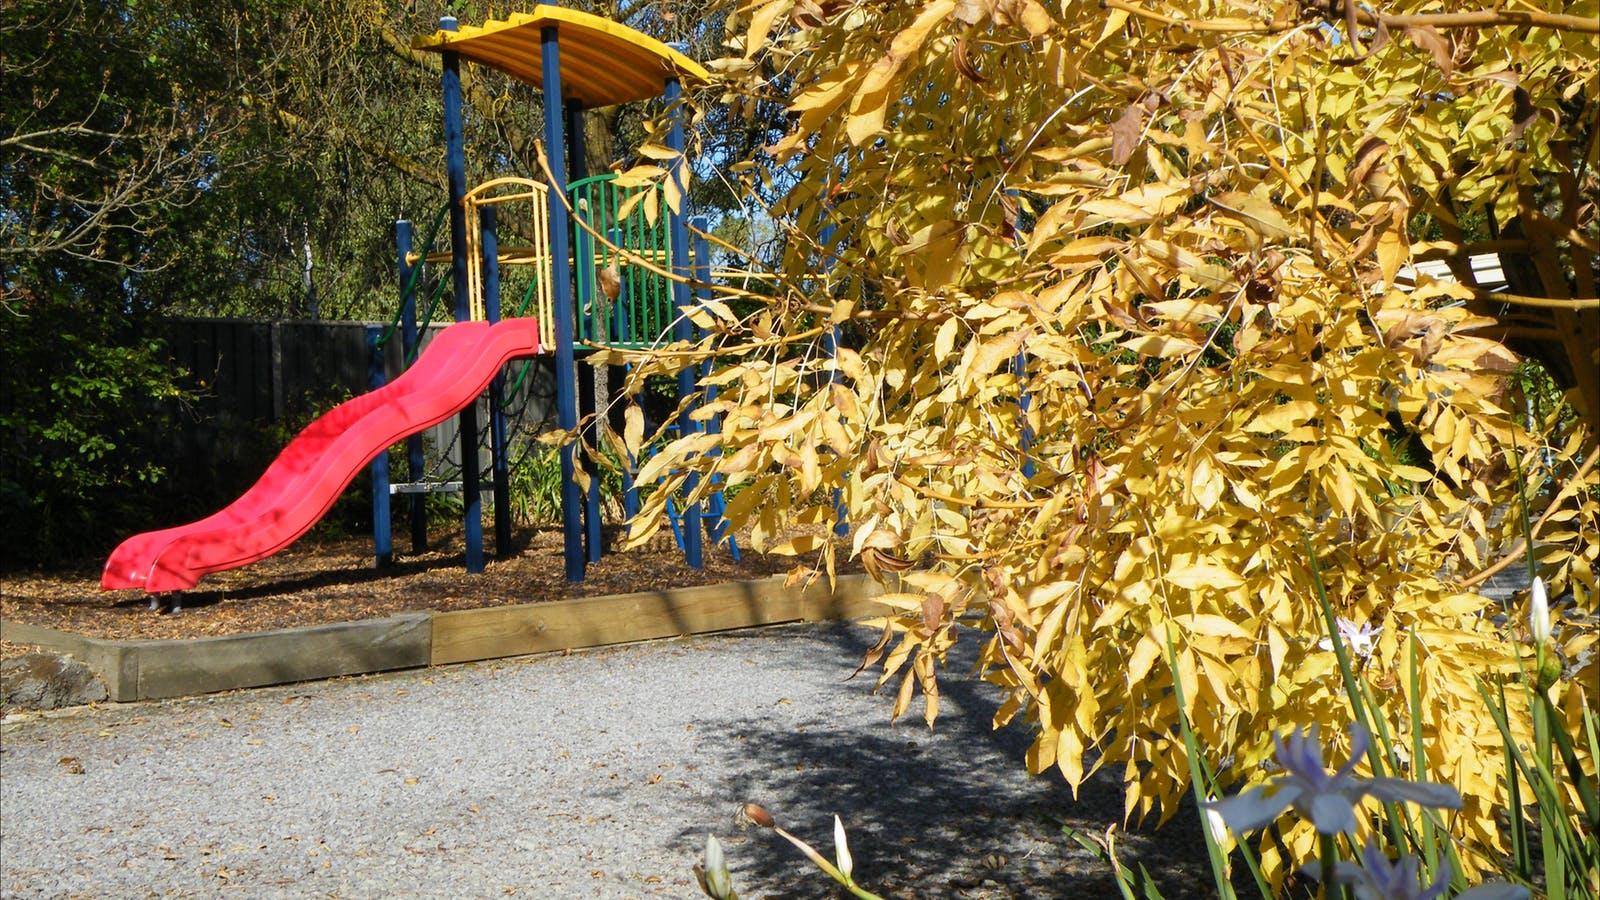 Autum playground